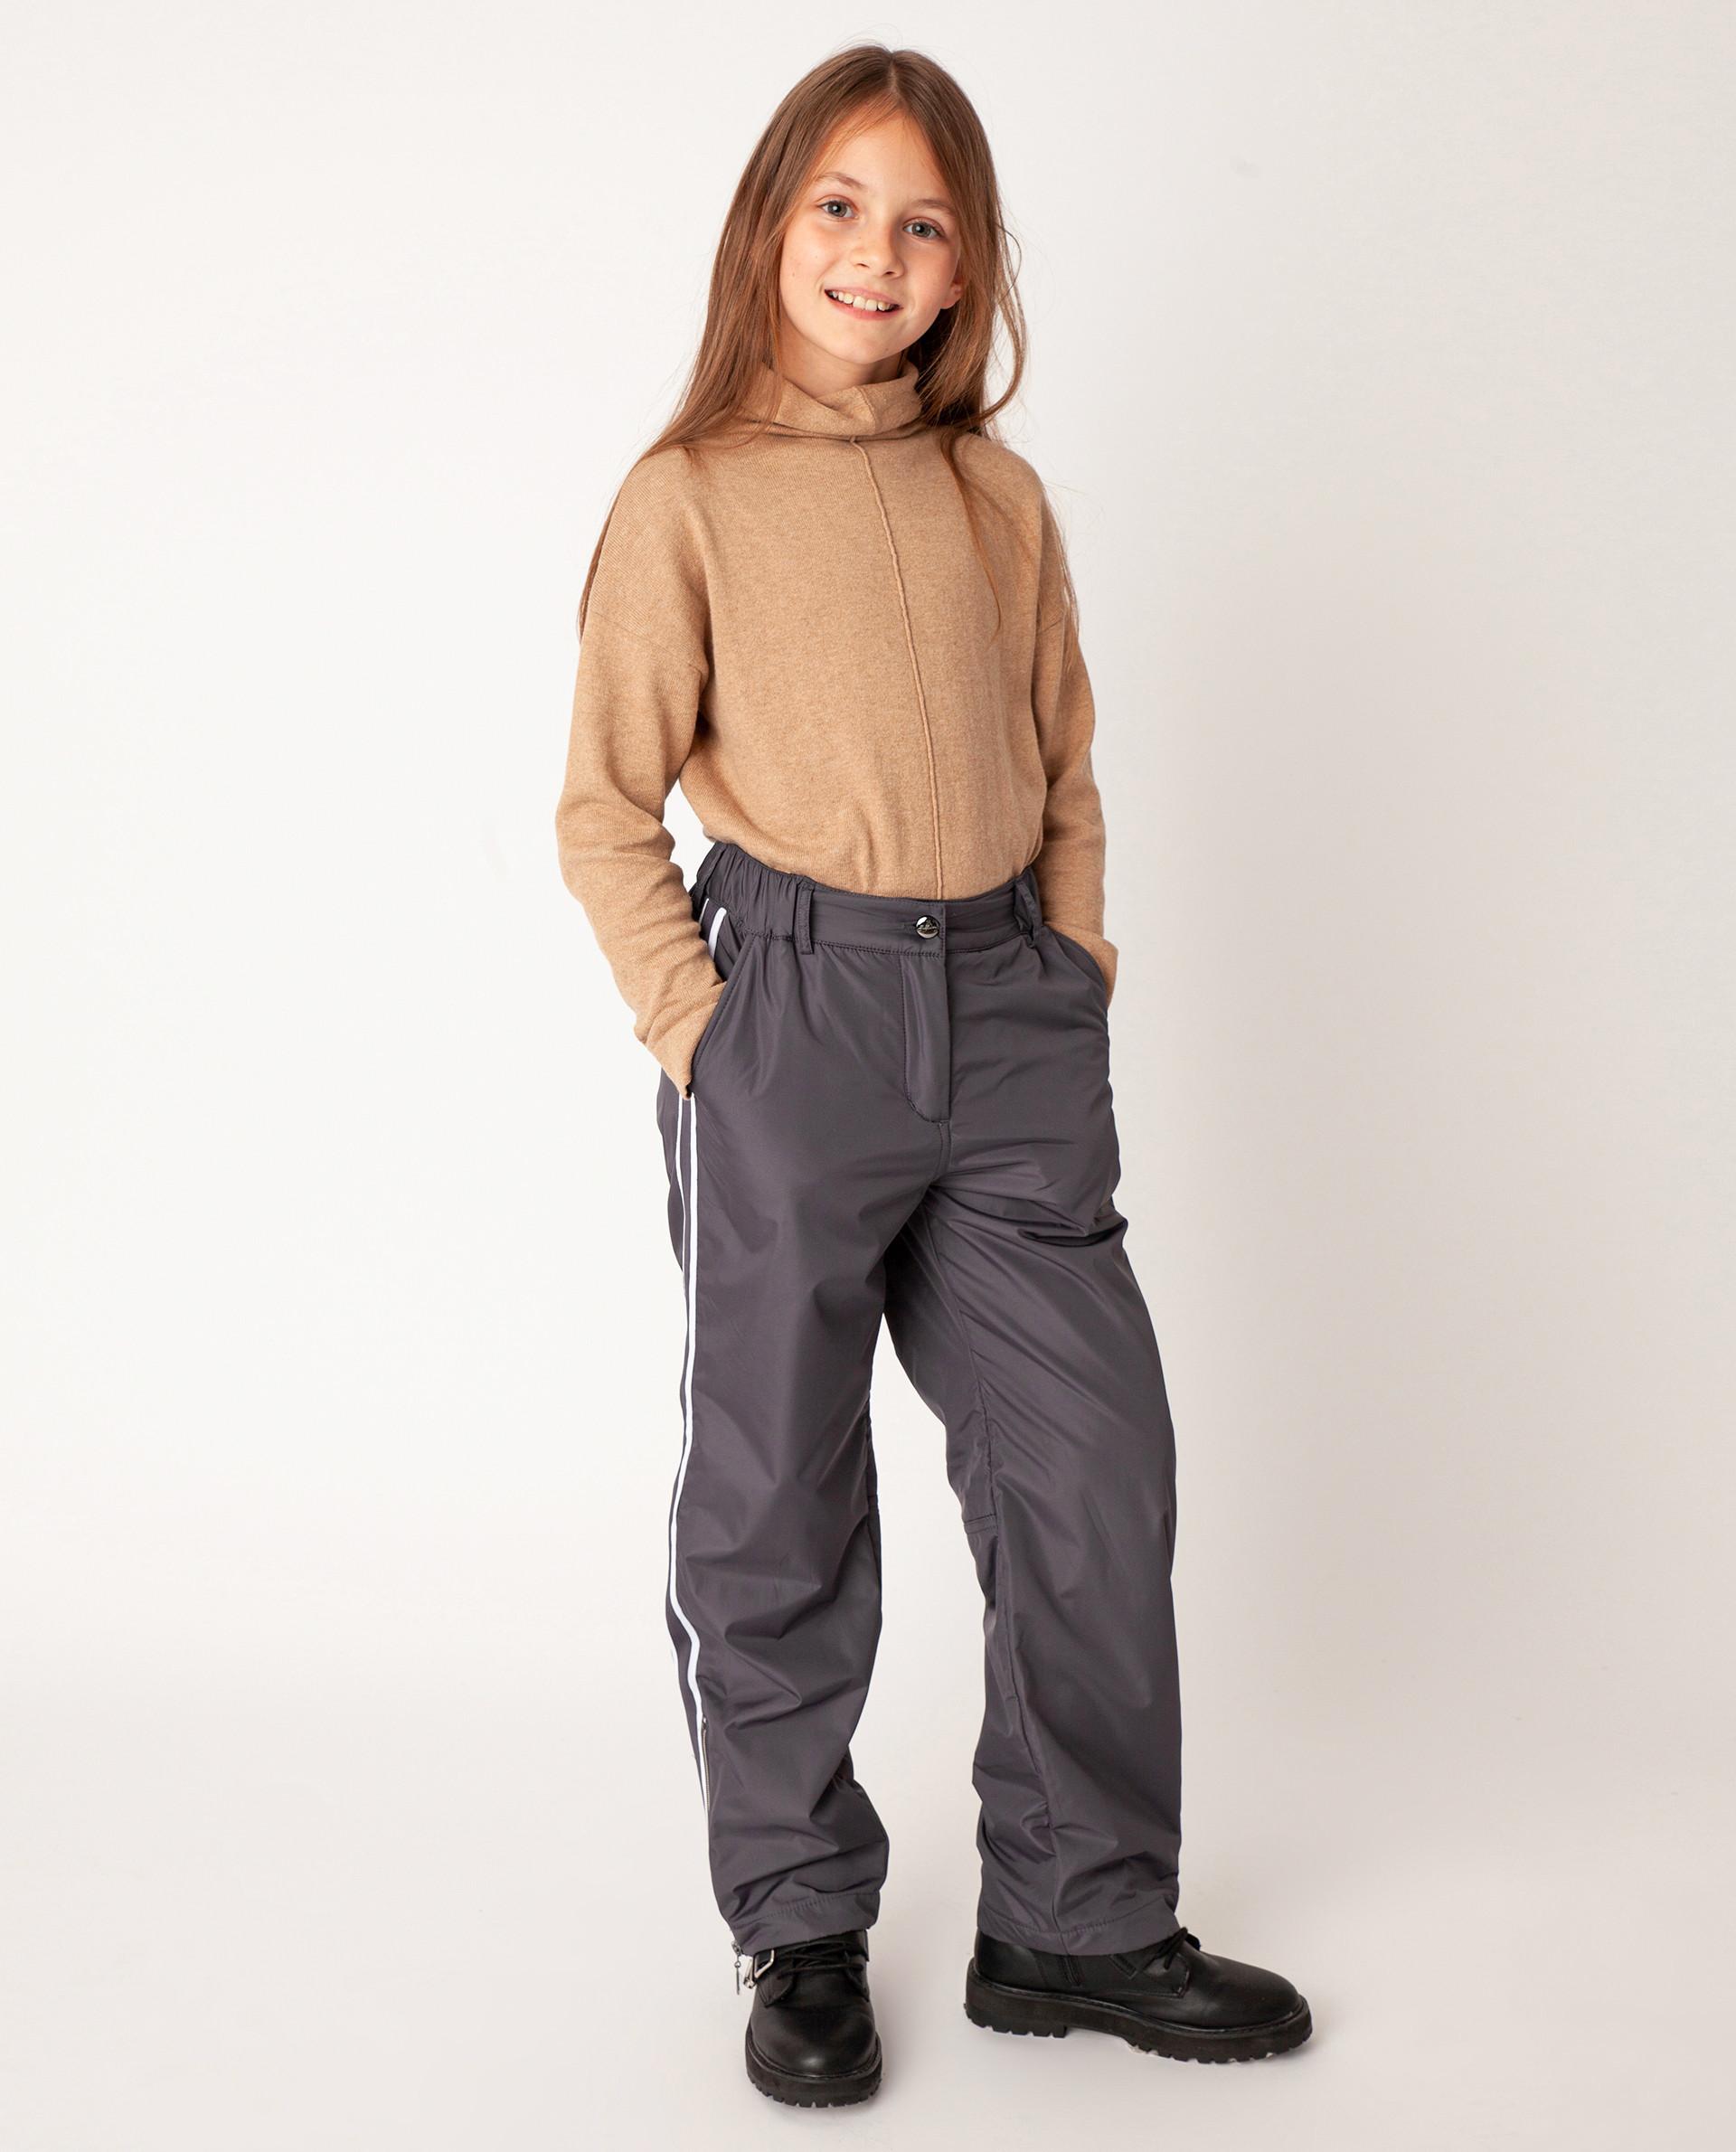 Купить Серые брюки утепленные зимние Gulliver размер 140 22008GJC6407,